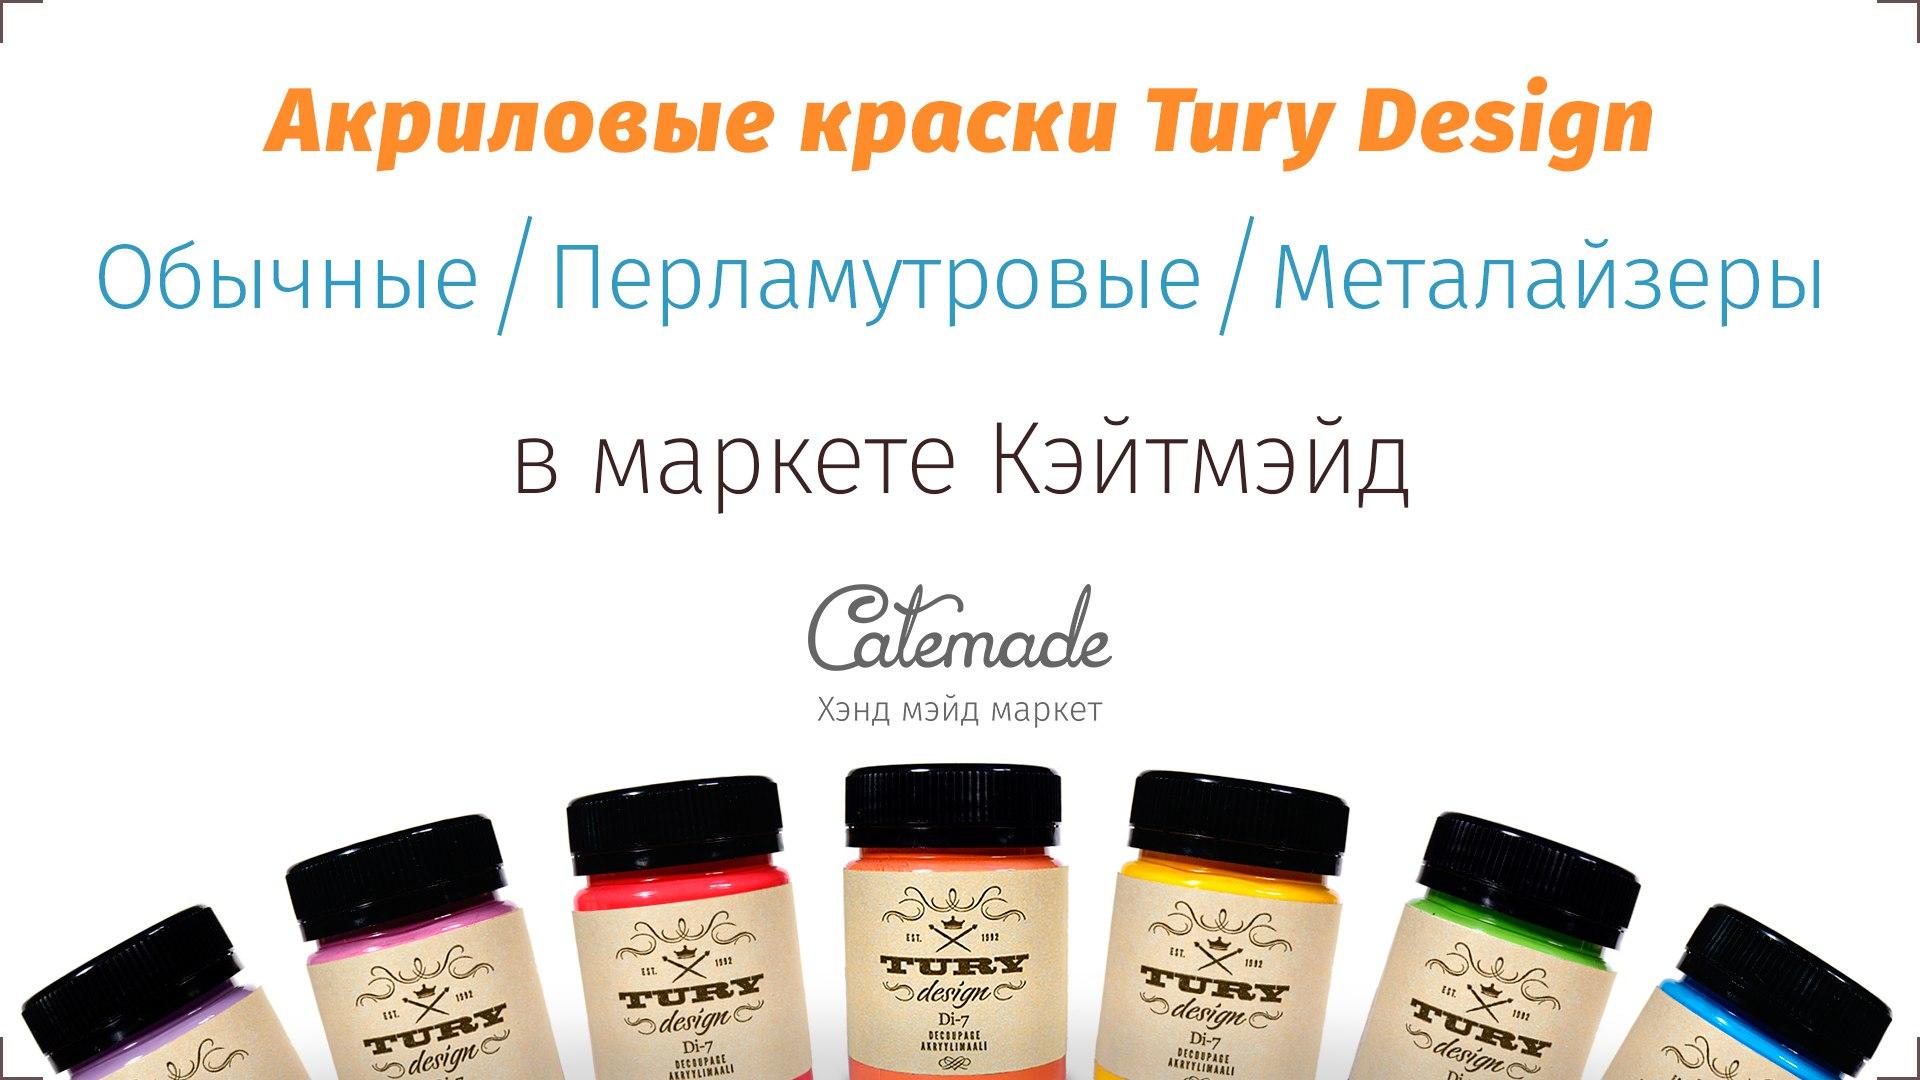 Акриловые краски Tury Design: обычные, перламутровые, металайзеры